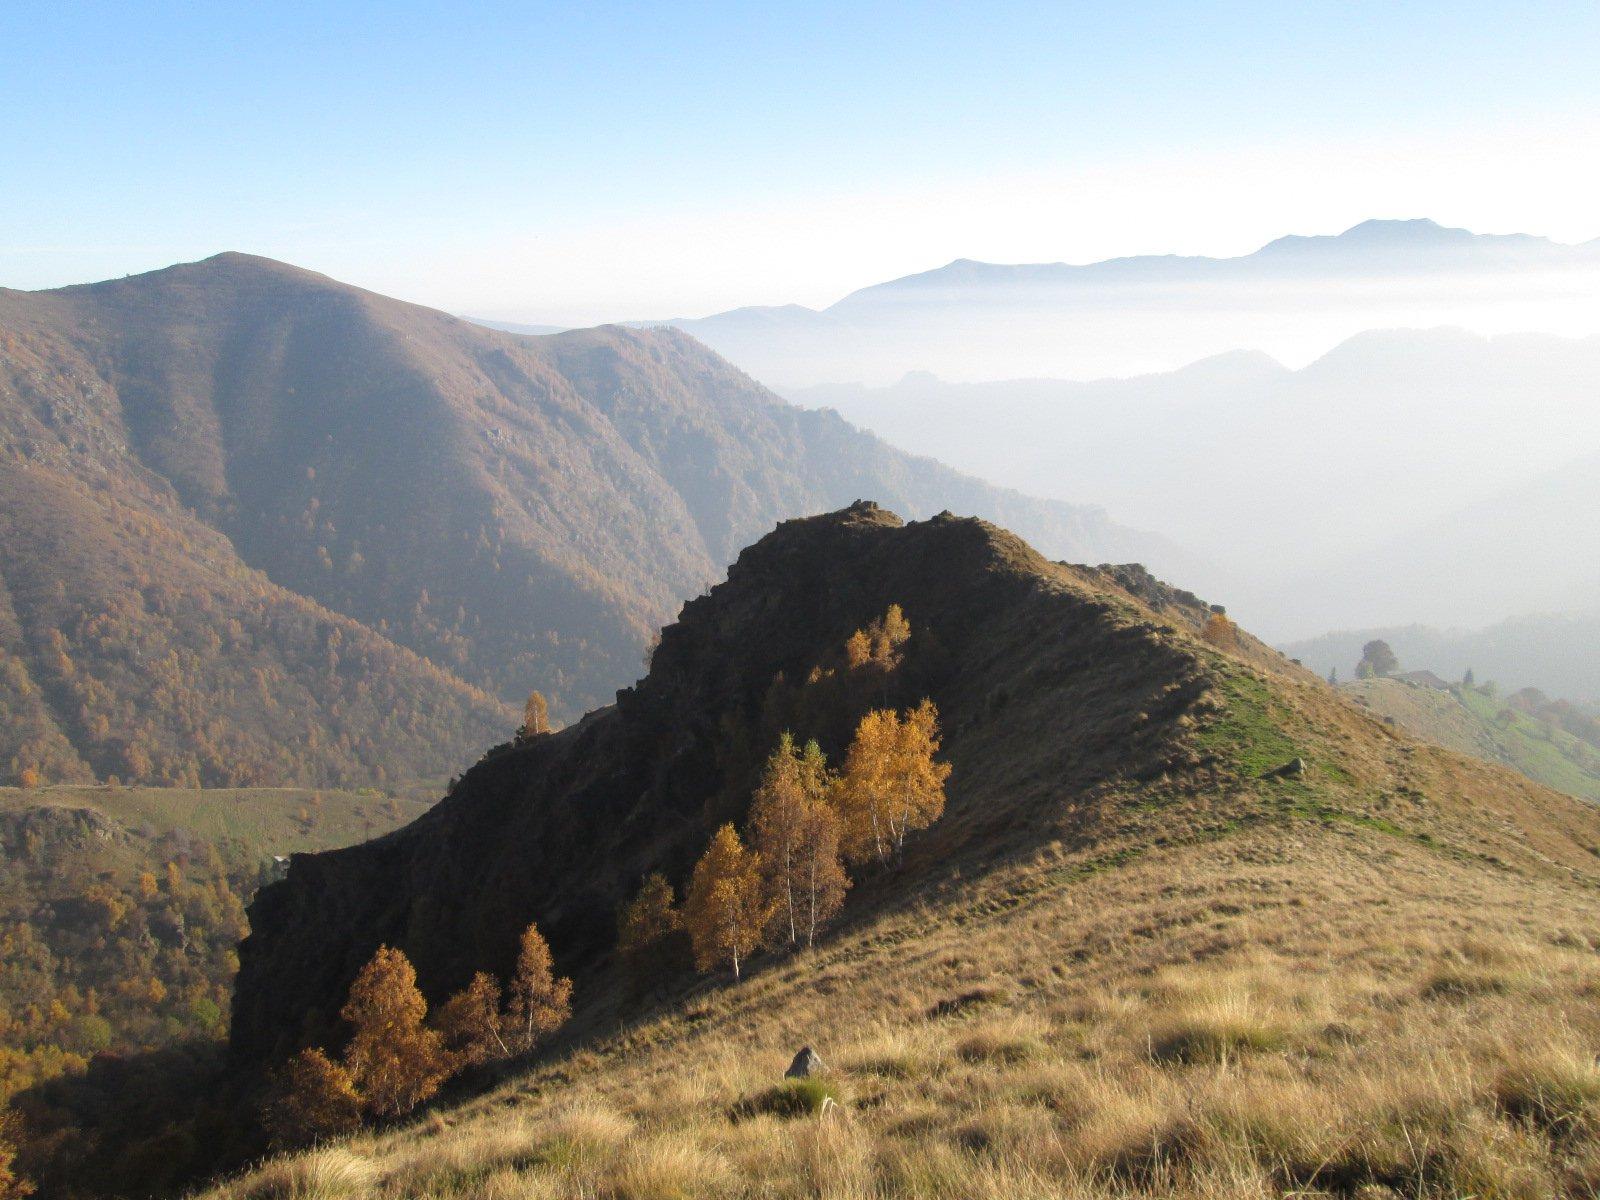 Vallone (Punta del) dal Santuario di Prascondù per il Colle Crest, anello per Cima Rosta 2016-11-01